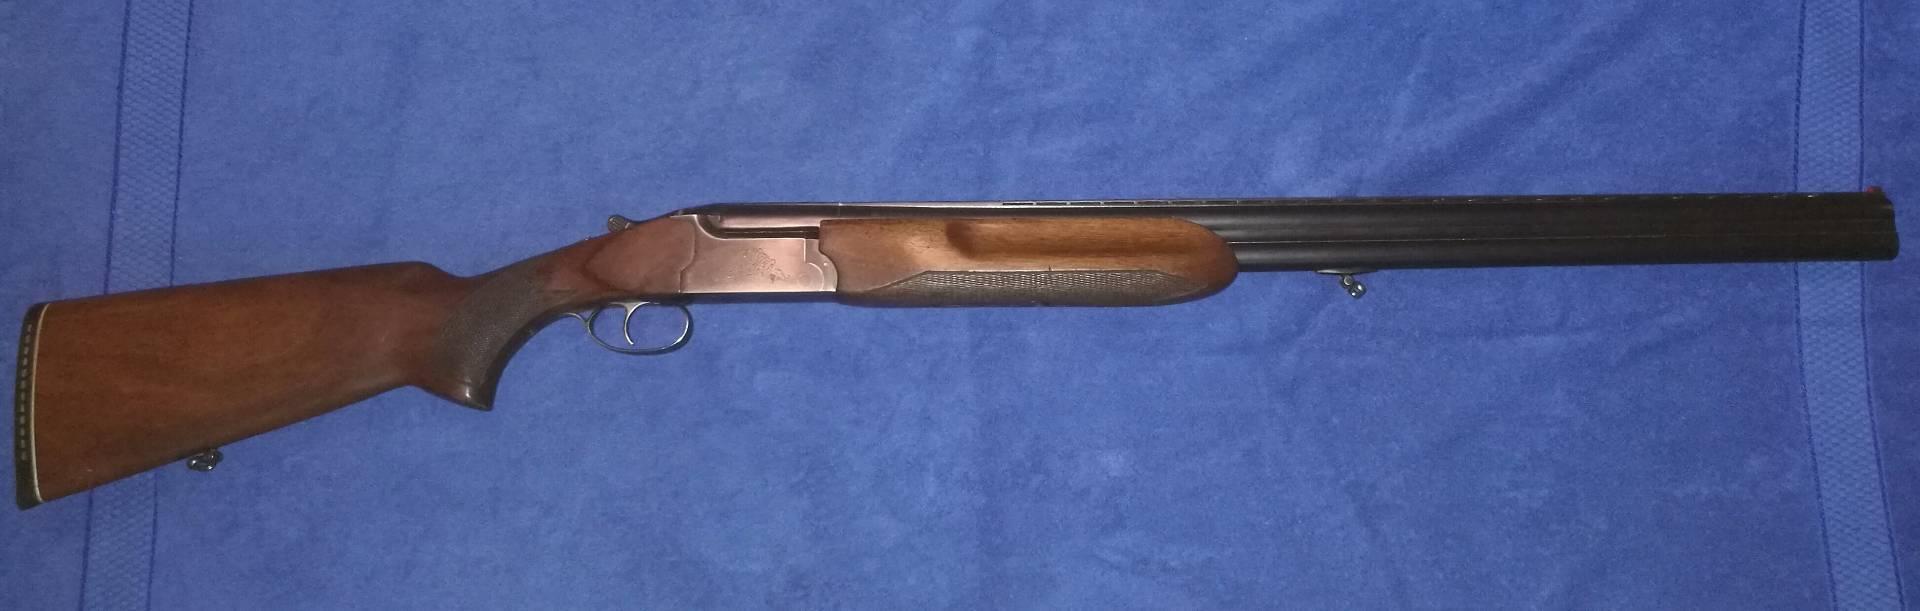 Охотничье ружье тоз-120, технические характеристики ттх, дальность стрельбы, патроны и все модификации тоз 120 12м 1е, отзывы владельцев